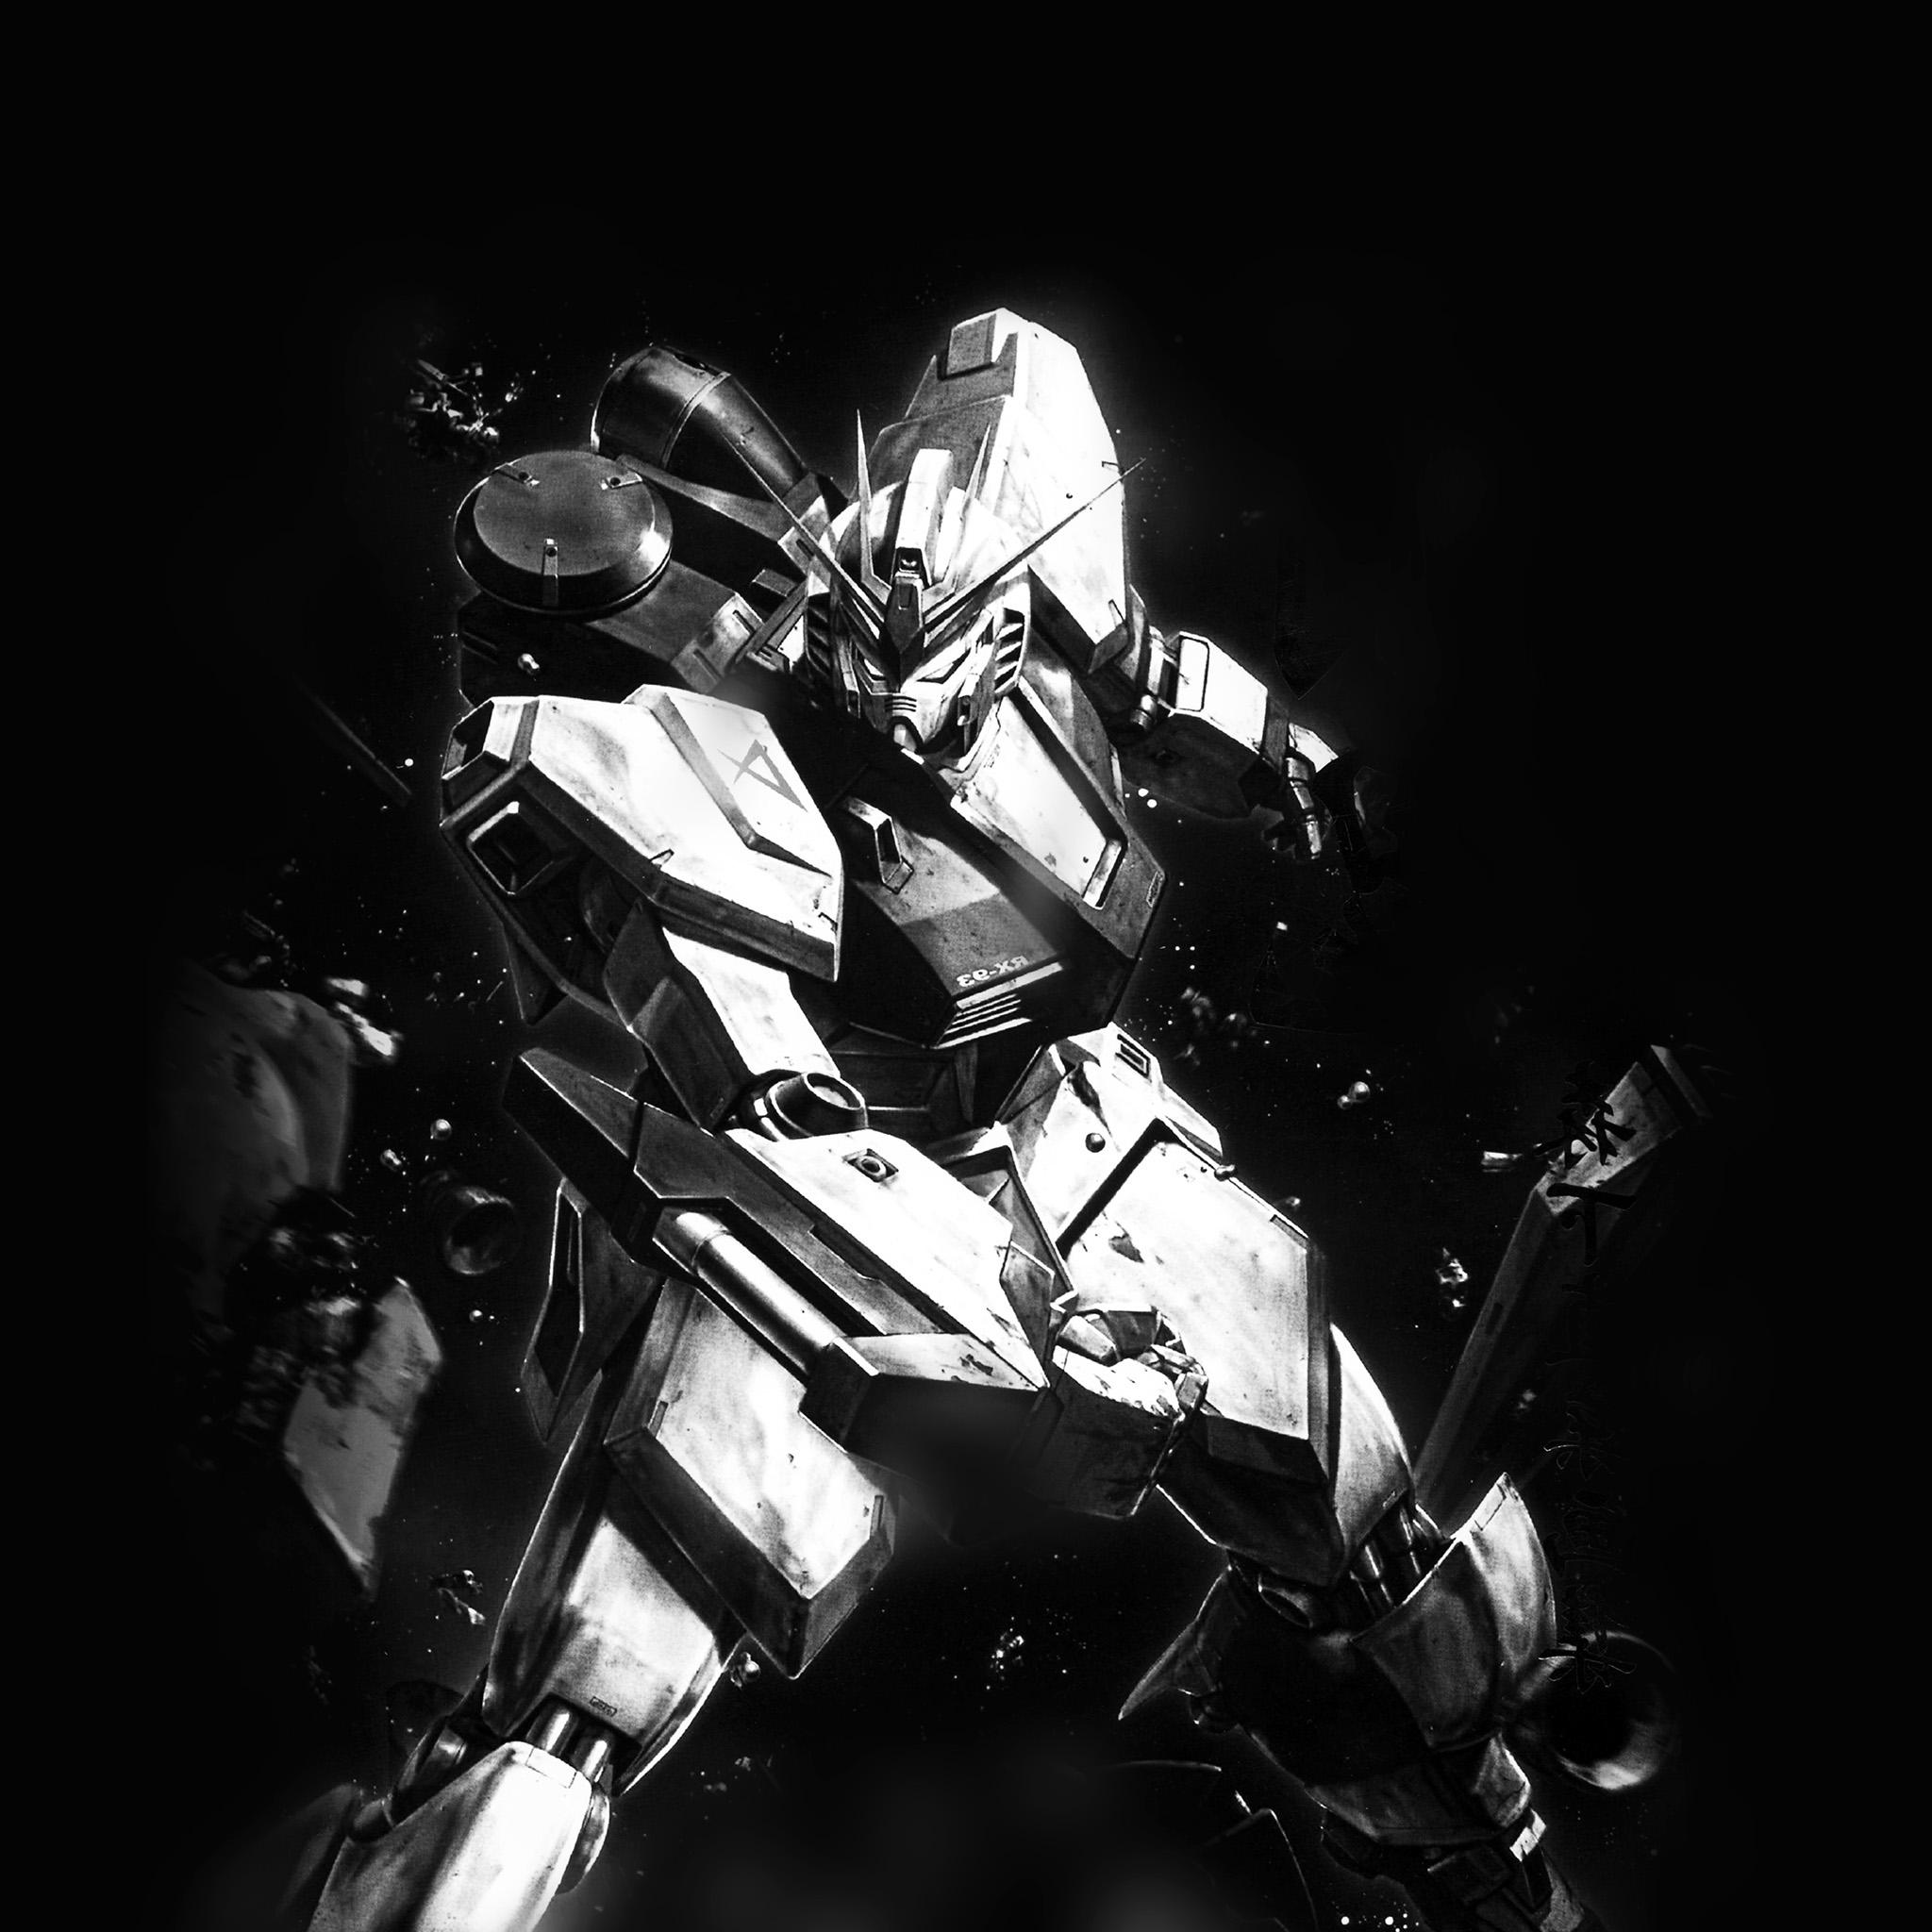 Gundam Iphone Wallpaper: IPad